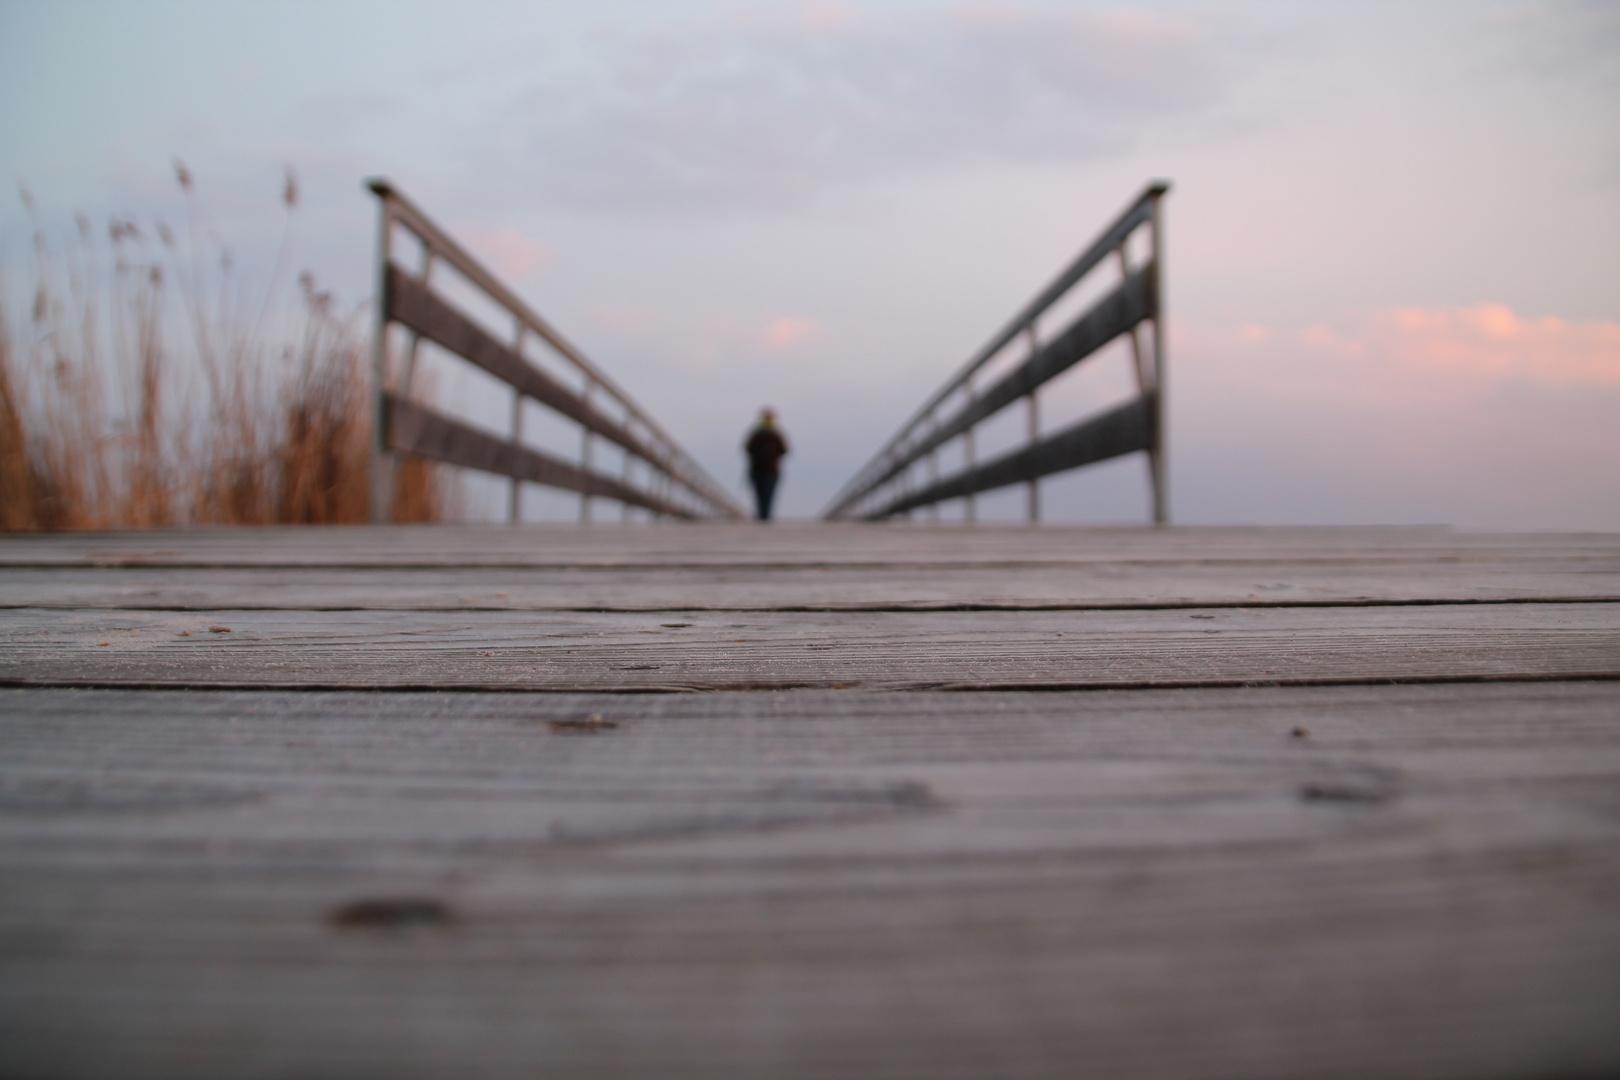 Steg an der Ostsee